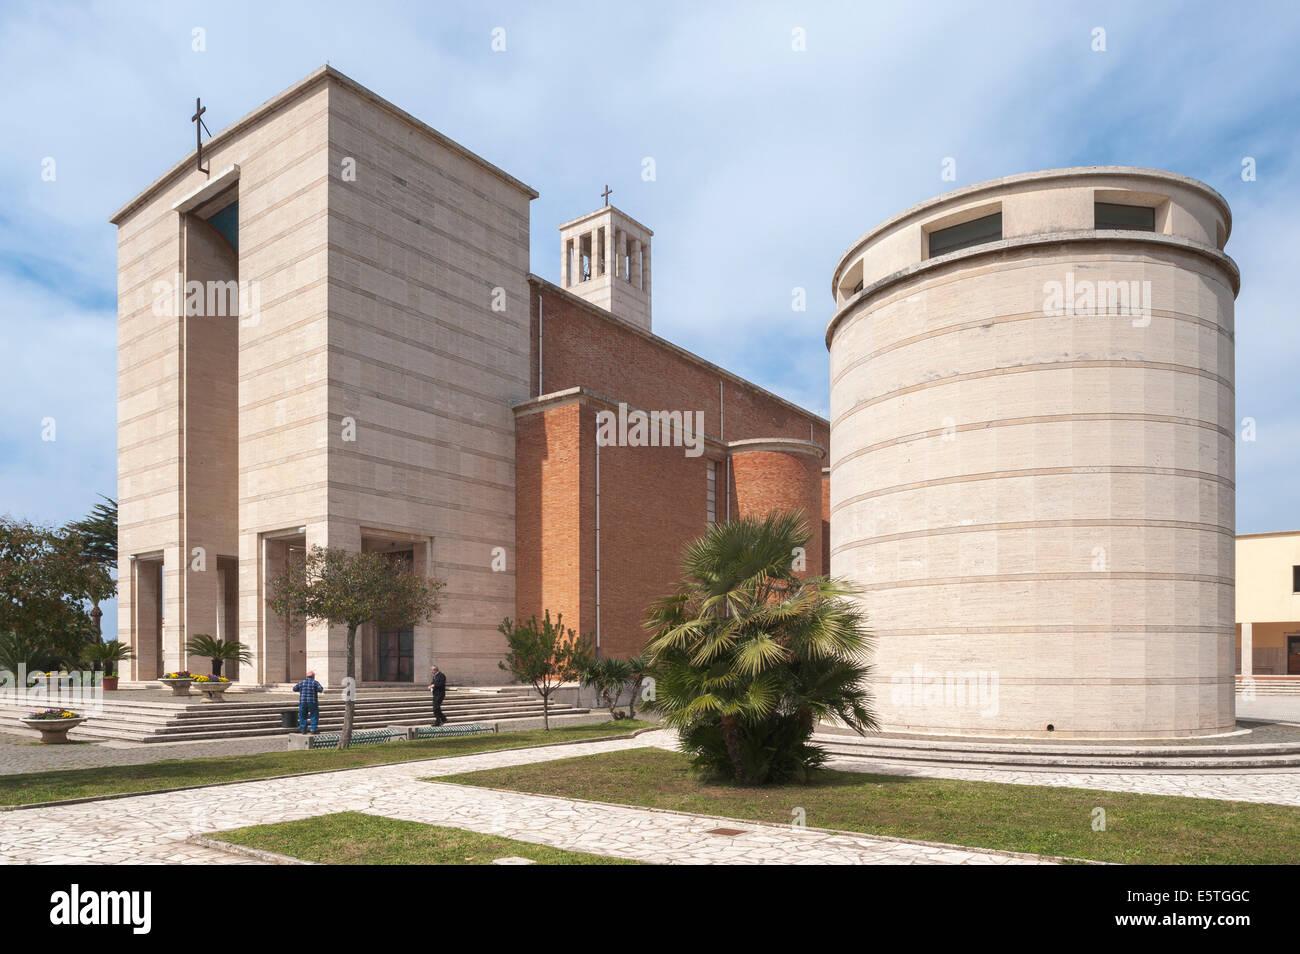 Chiesa con torre, 1935, architettura monumentale, Sabaudia, Lazio, Italia Immagini Stock